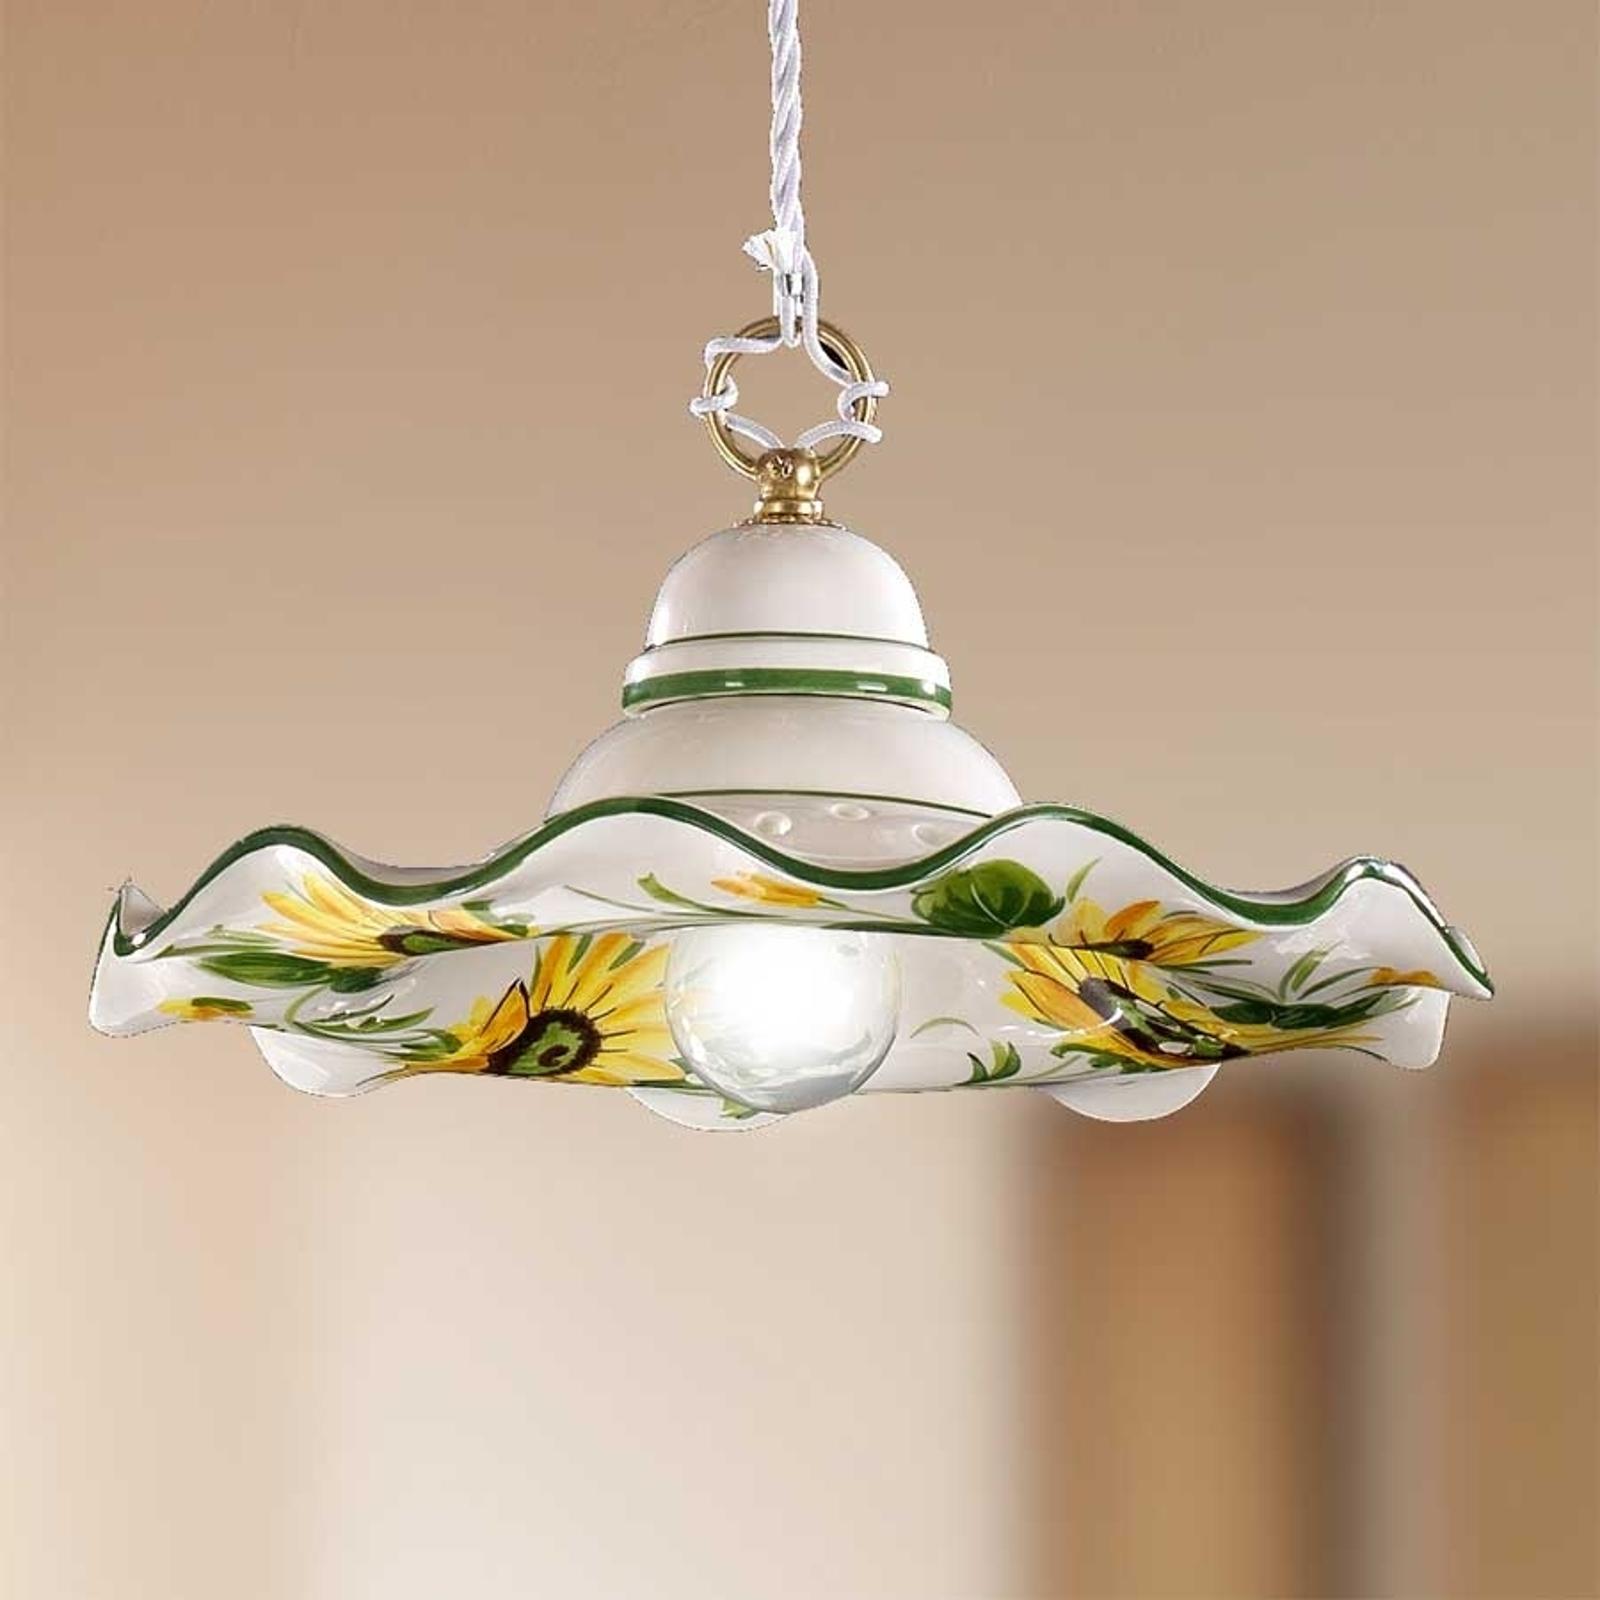 Závesná lampa GIRASOLA so šarmom vidieckeho domu_2013090_1